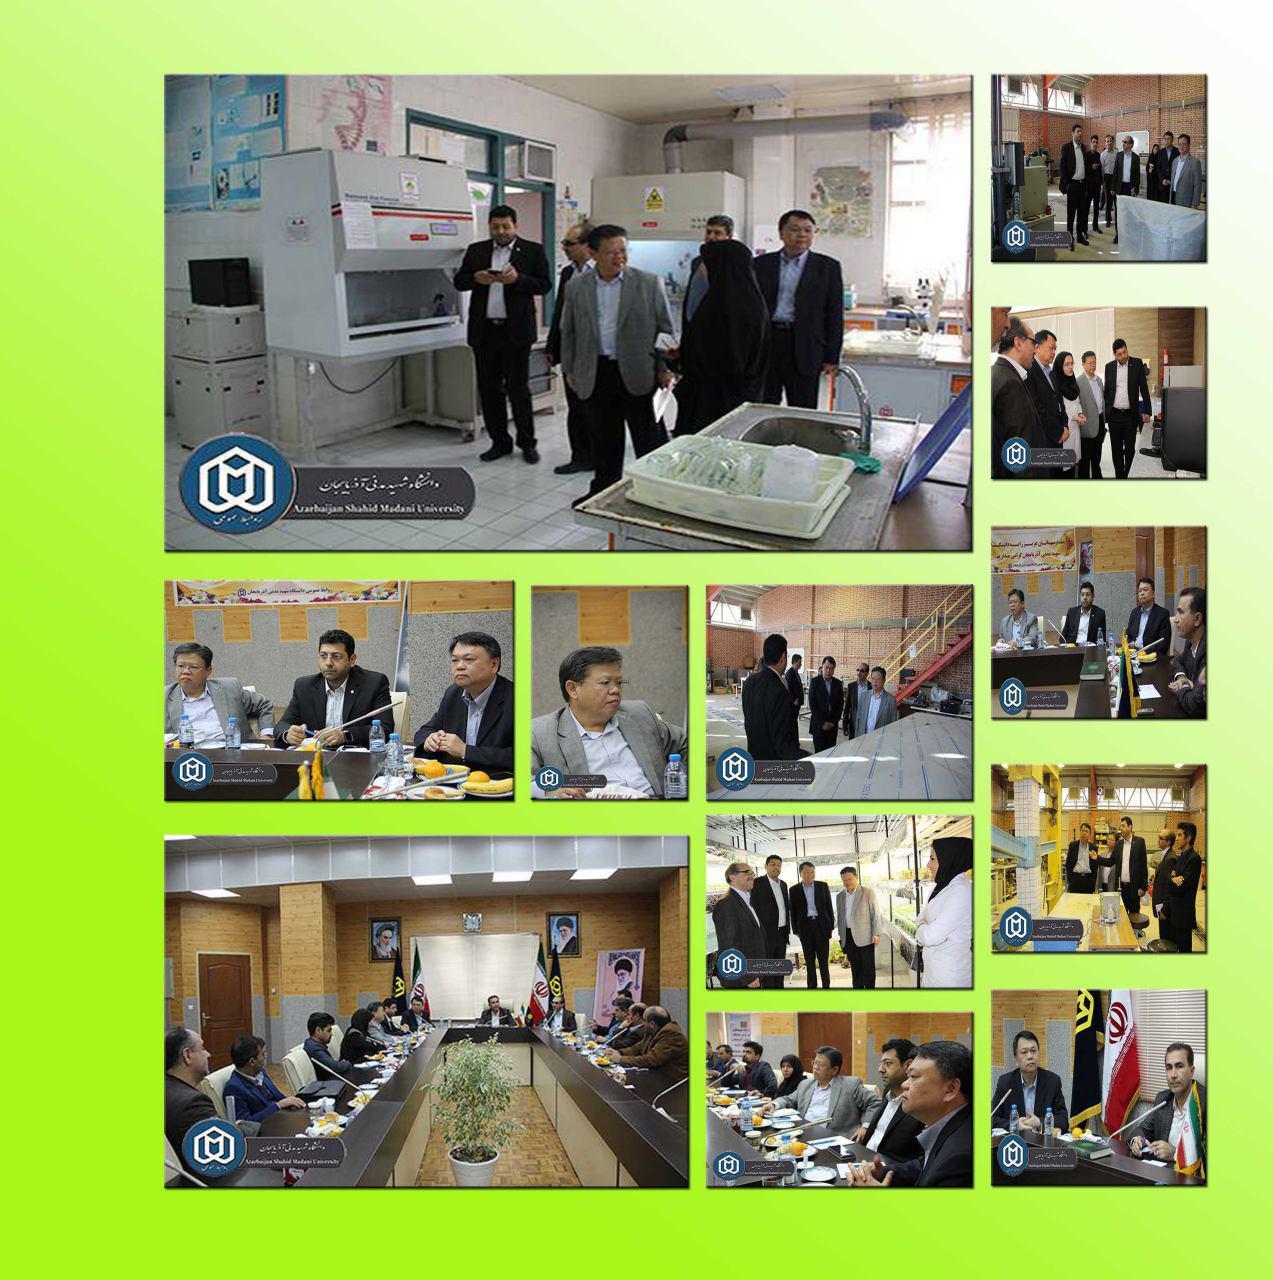 خبر هایی از دانشگاه شهید مدنی آذربایجان